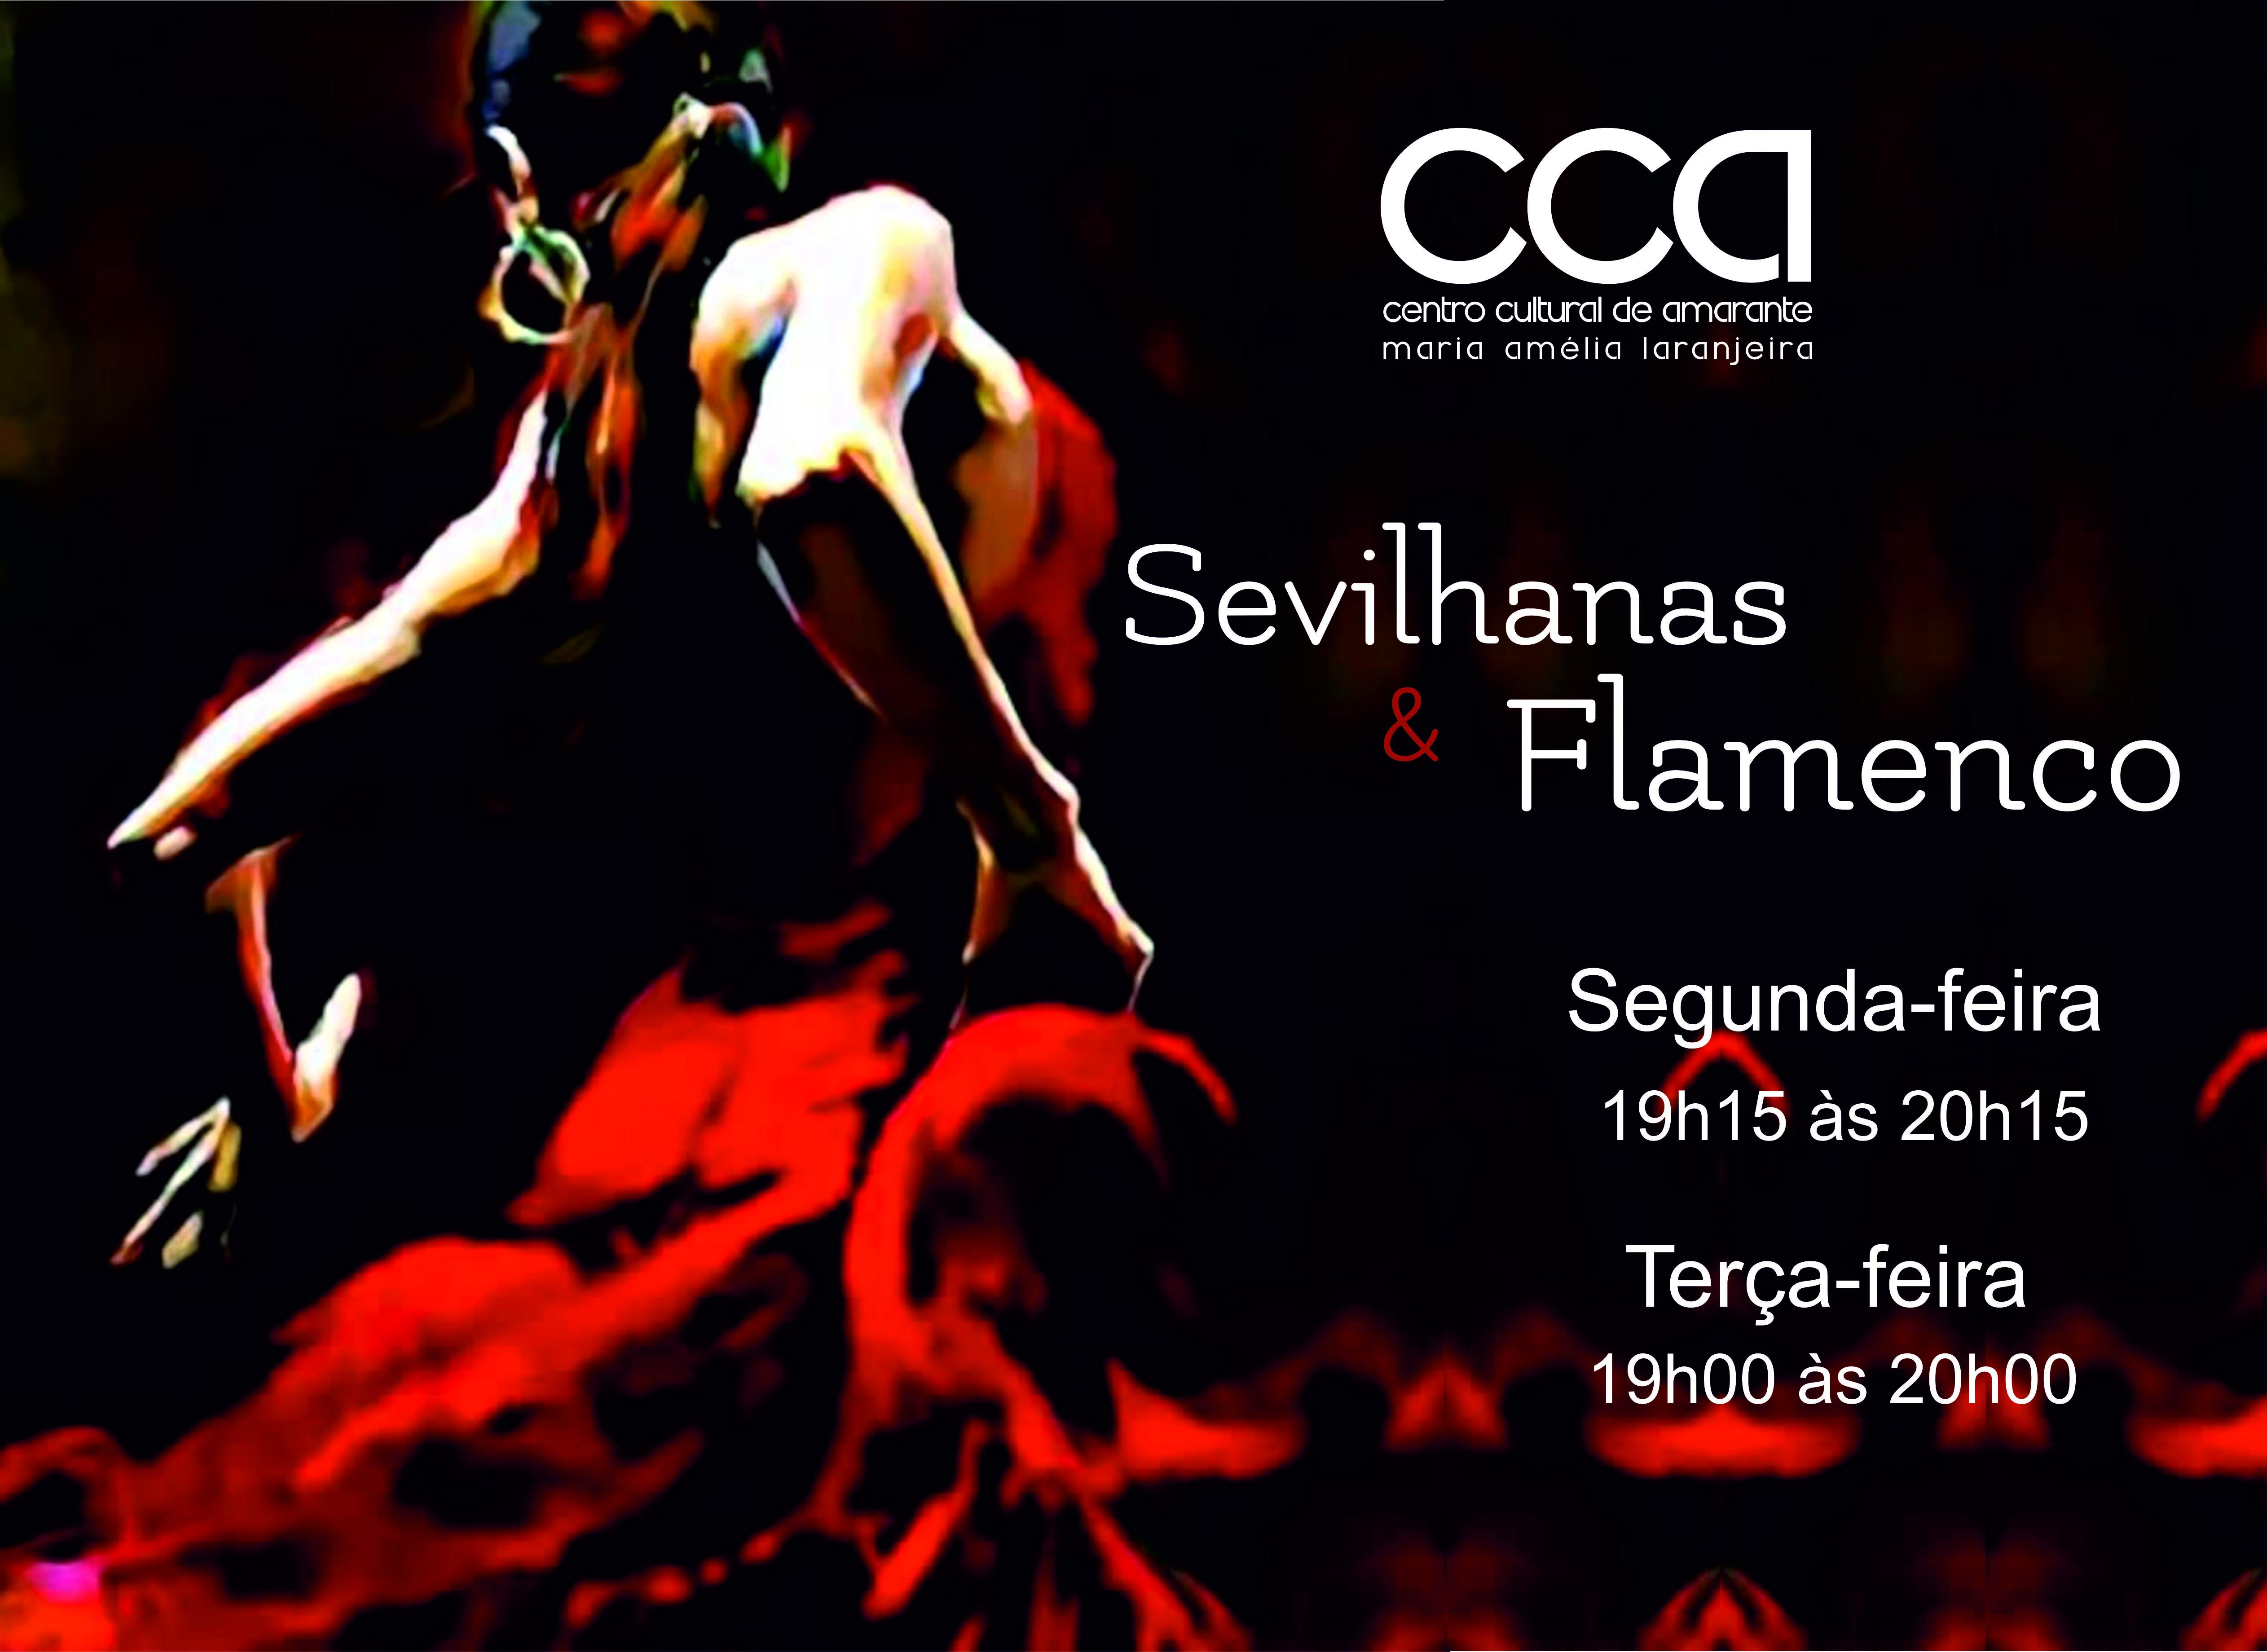 sevilhanas-e-flamenco-cartaz-face